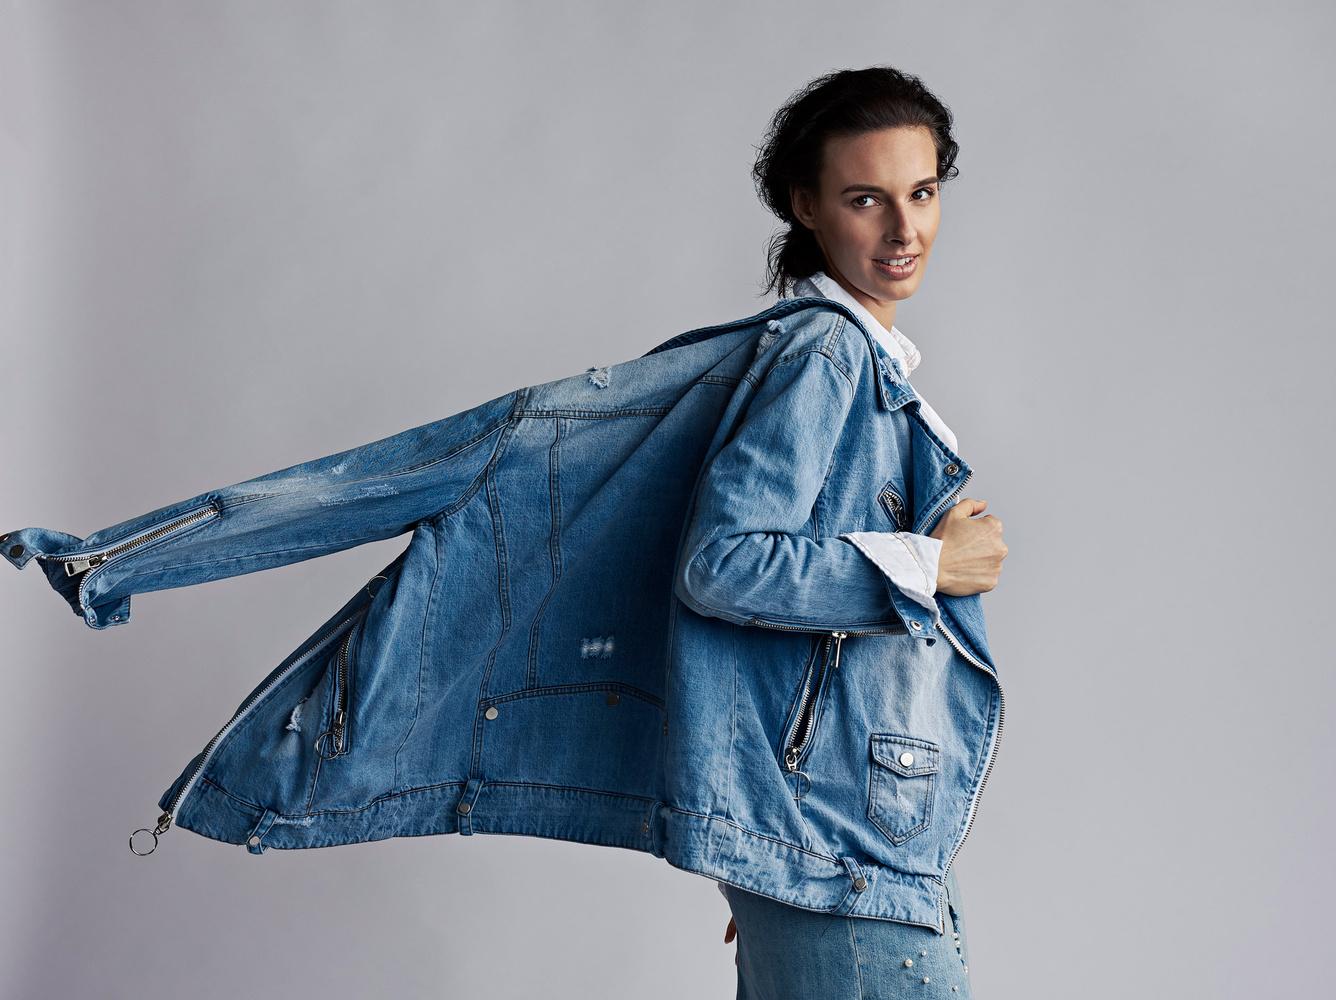 Denim Jacket Ad by JEFF Dietz